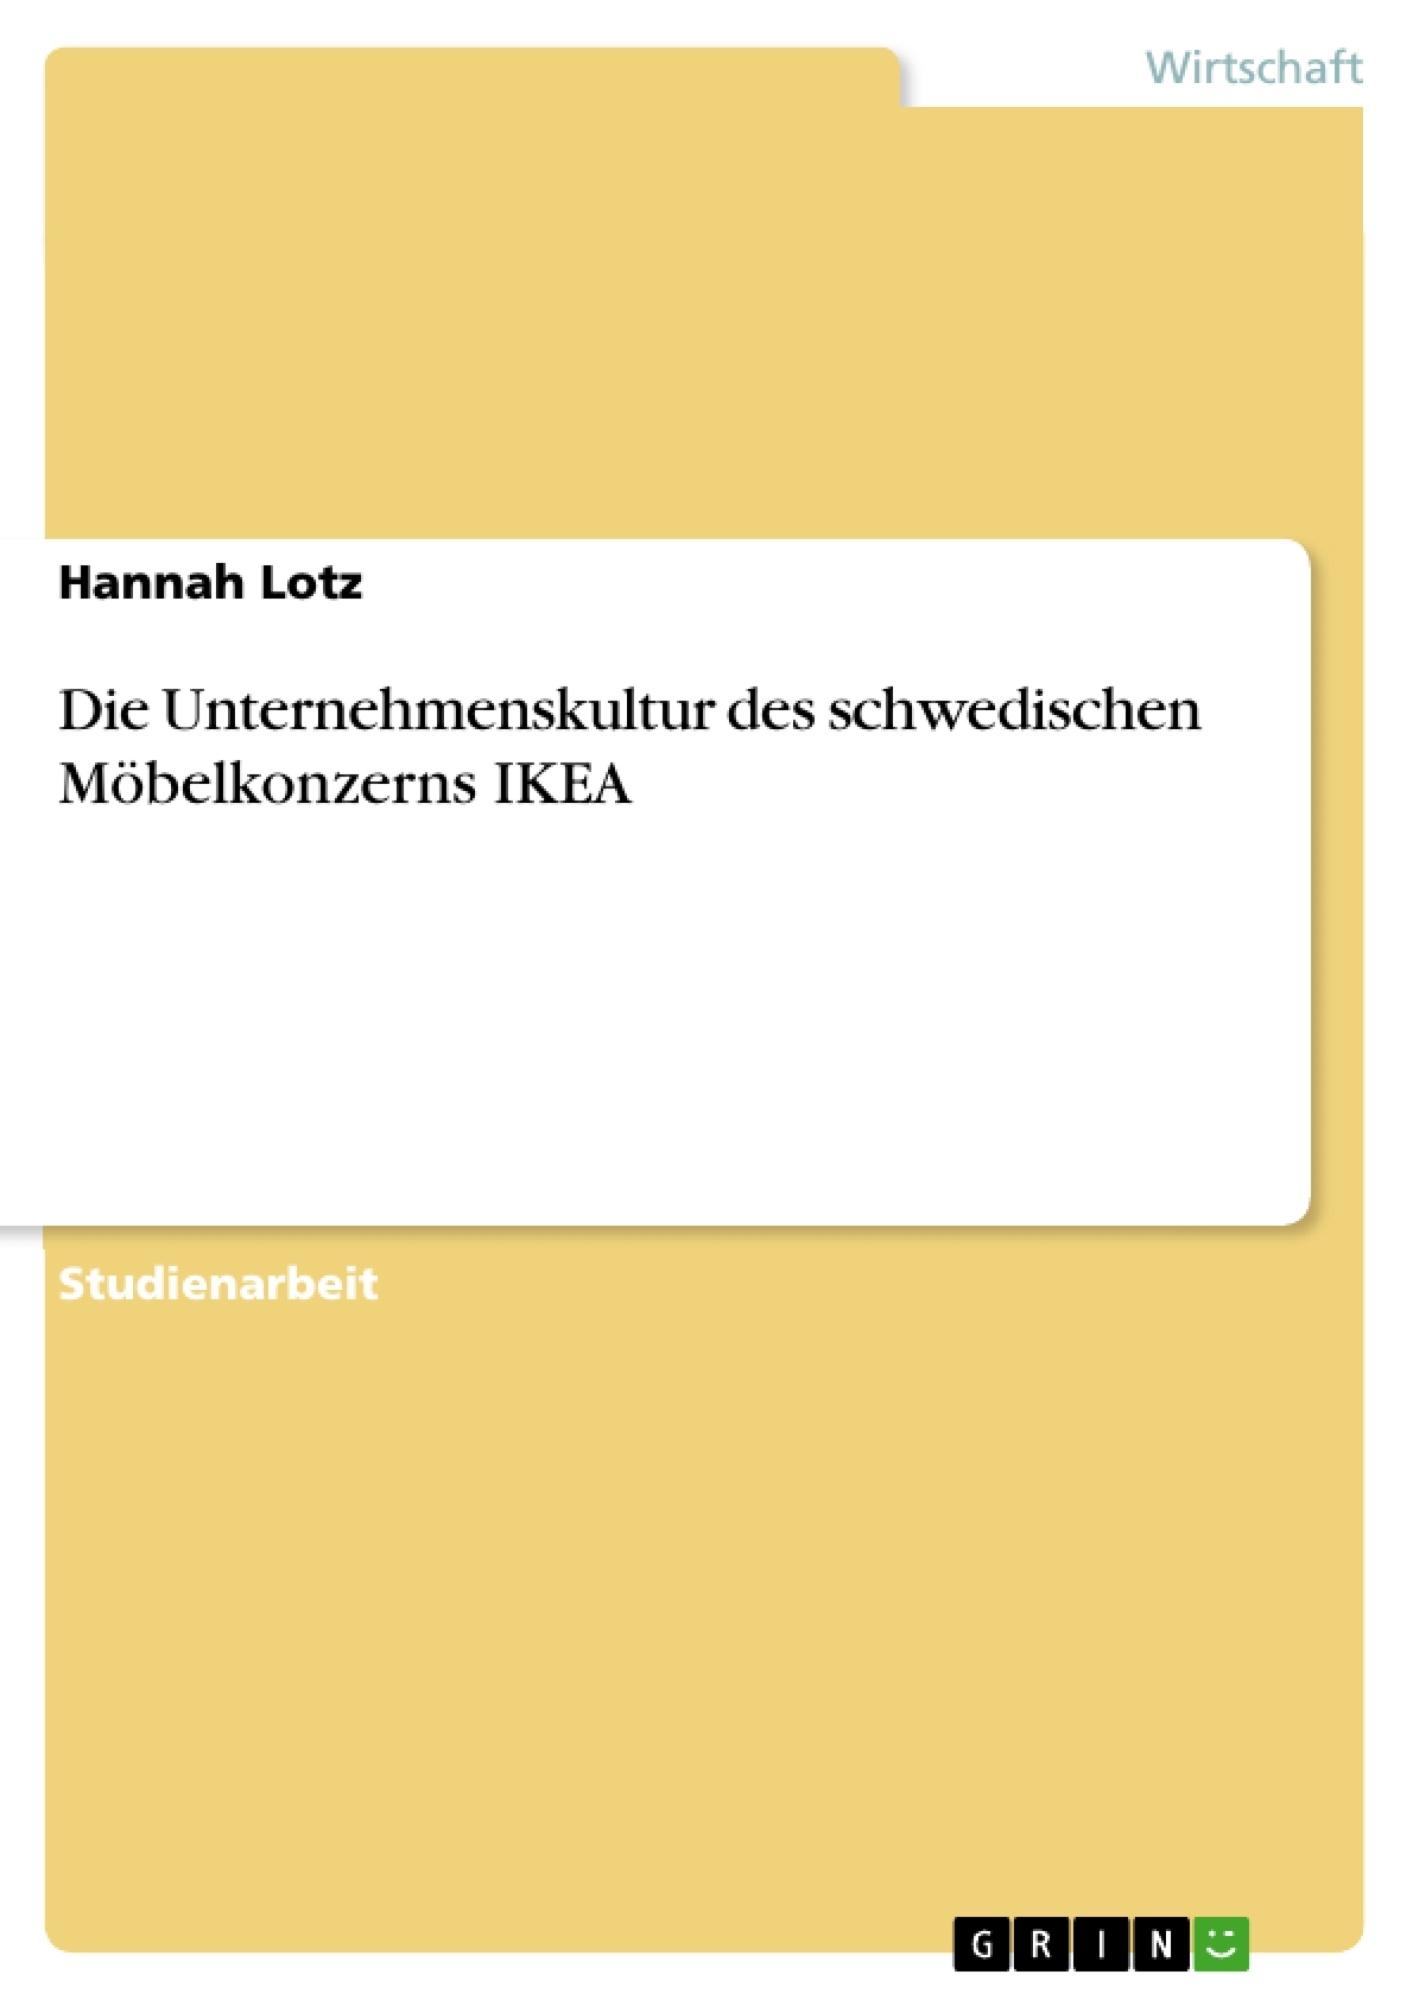 Titel: Die Unternehmenskultur des schwedischen Möbelkonzerns IKEA